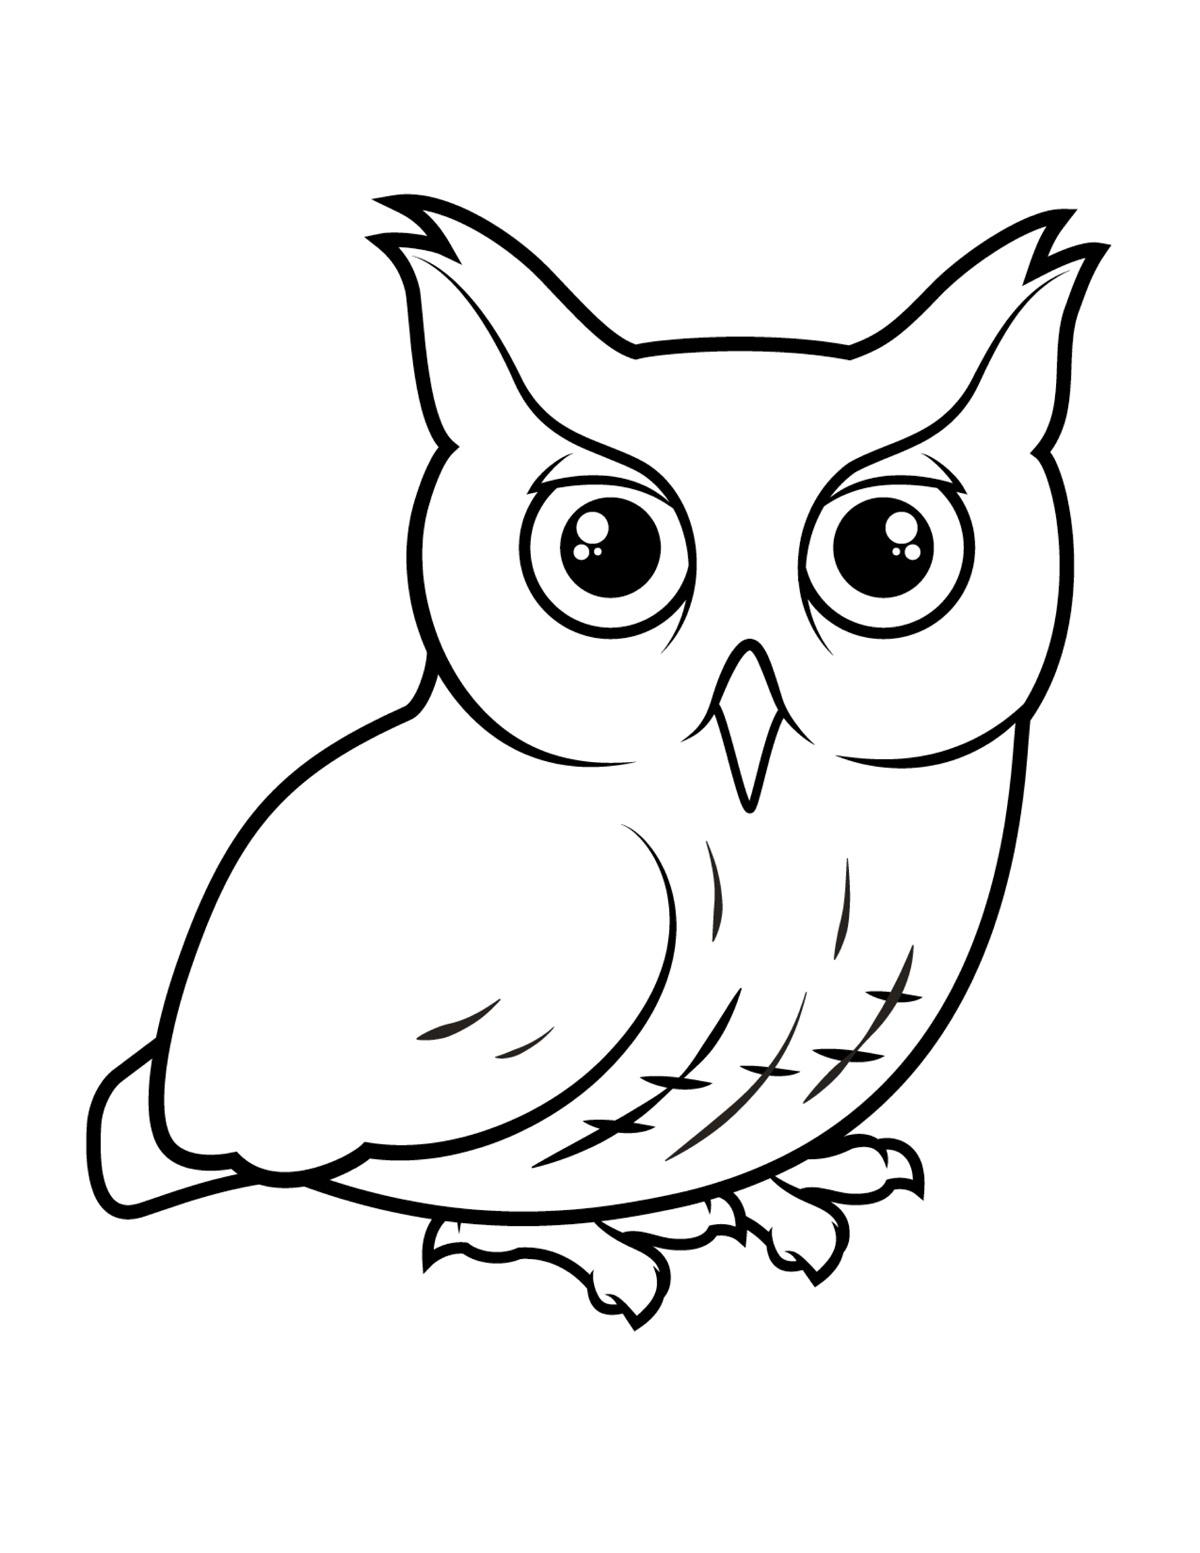 Раскраска Кричащая сова распечатать или скачать бесплатно